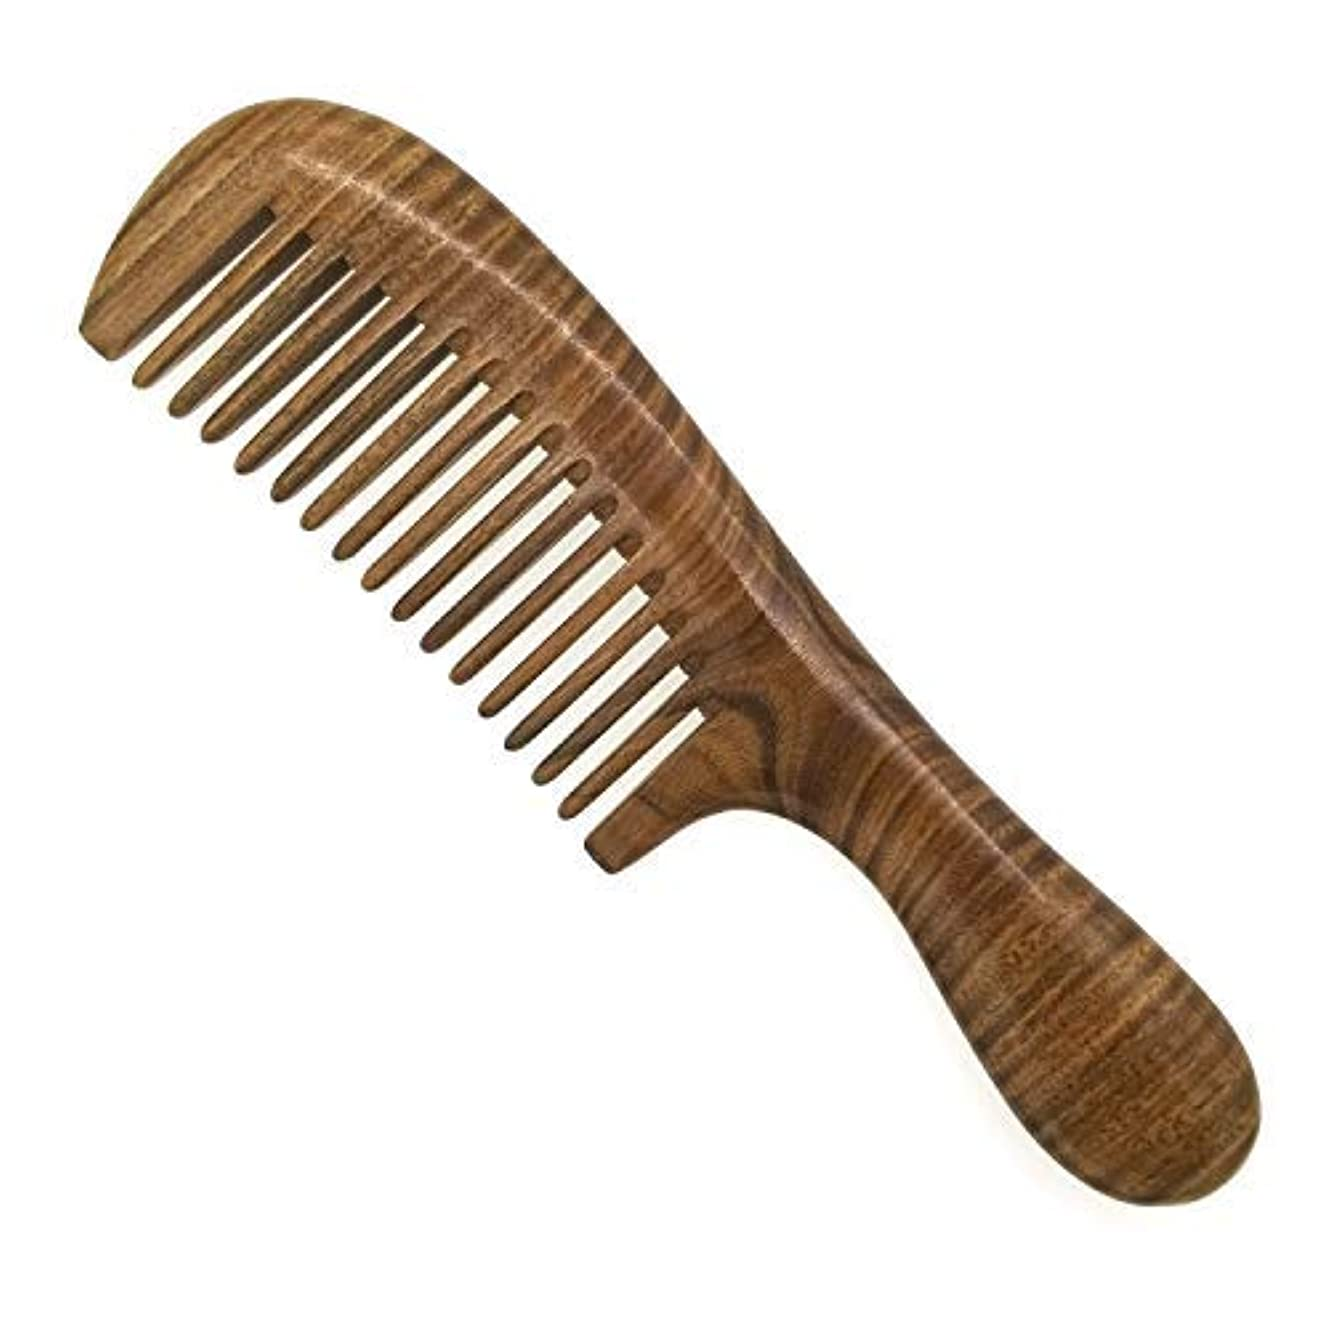 靴下委員会せせらぎERZA SCARLET Real Natural Green Sandalwood Wooden Comb/Boutique Hair Comb - NO SNAGS,NO STATIC,NO TANGLE (Wide...